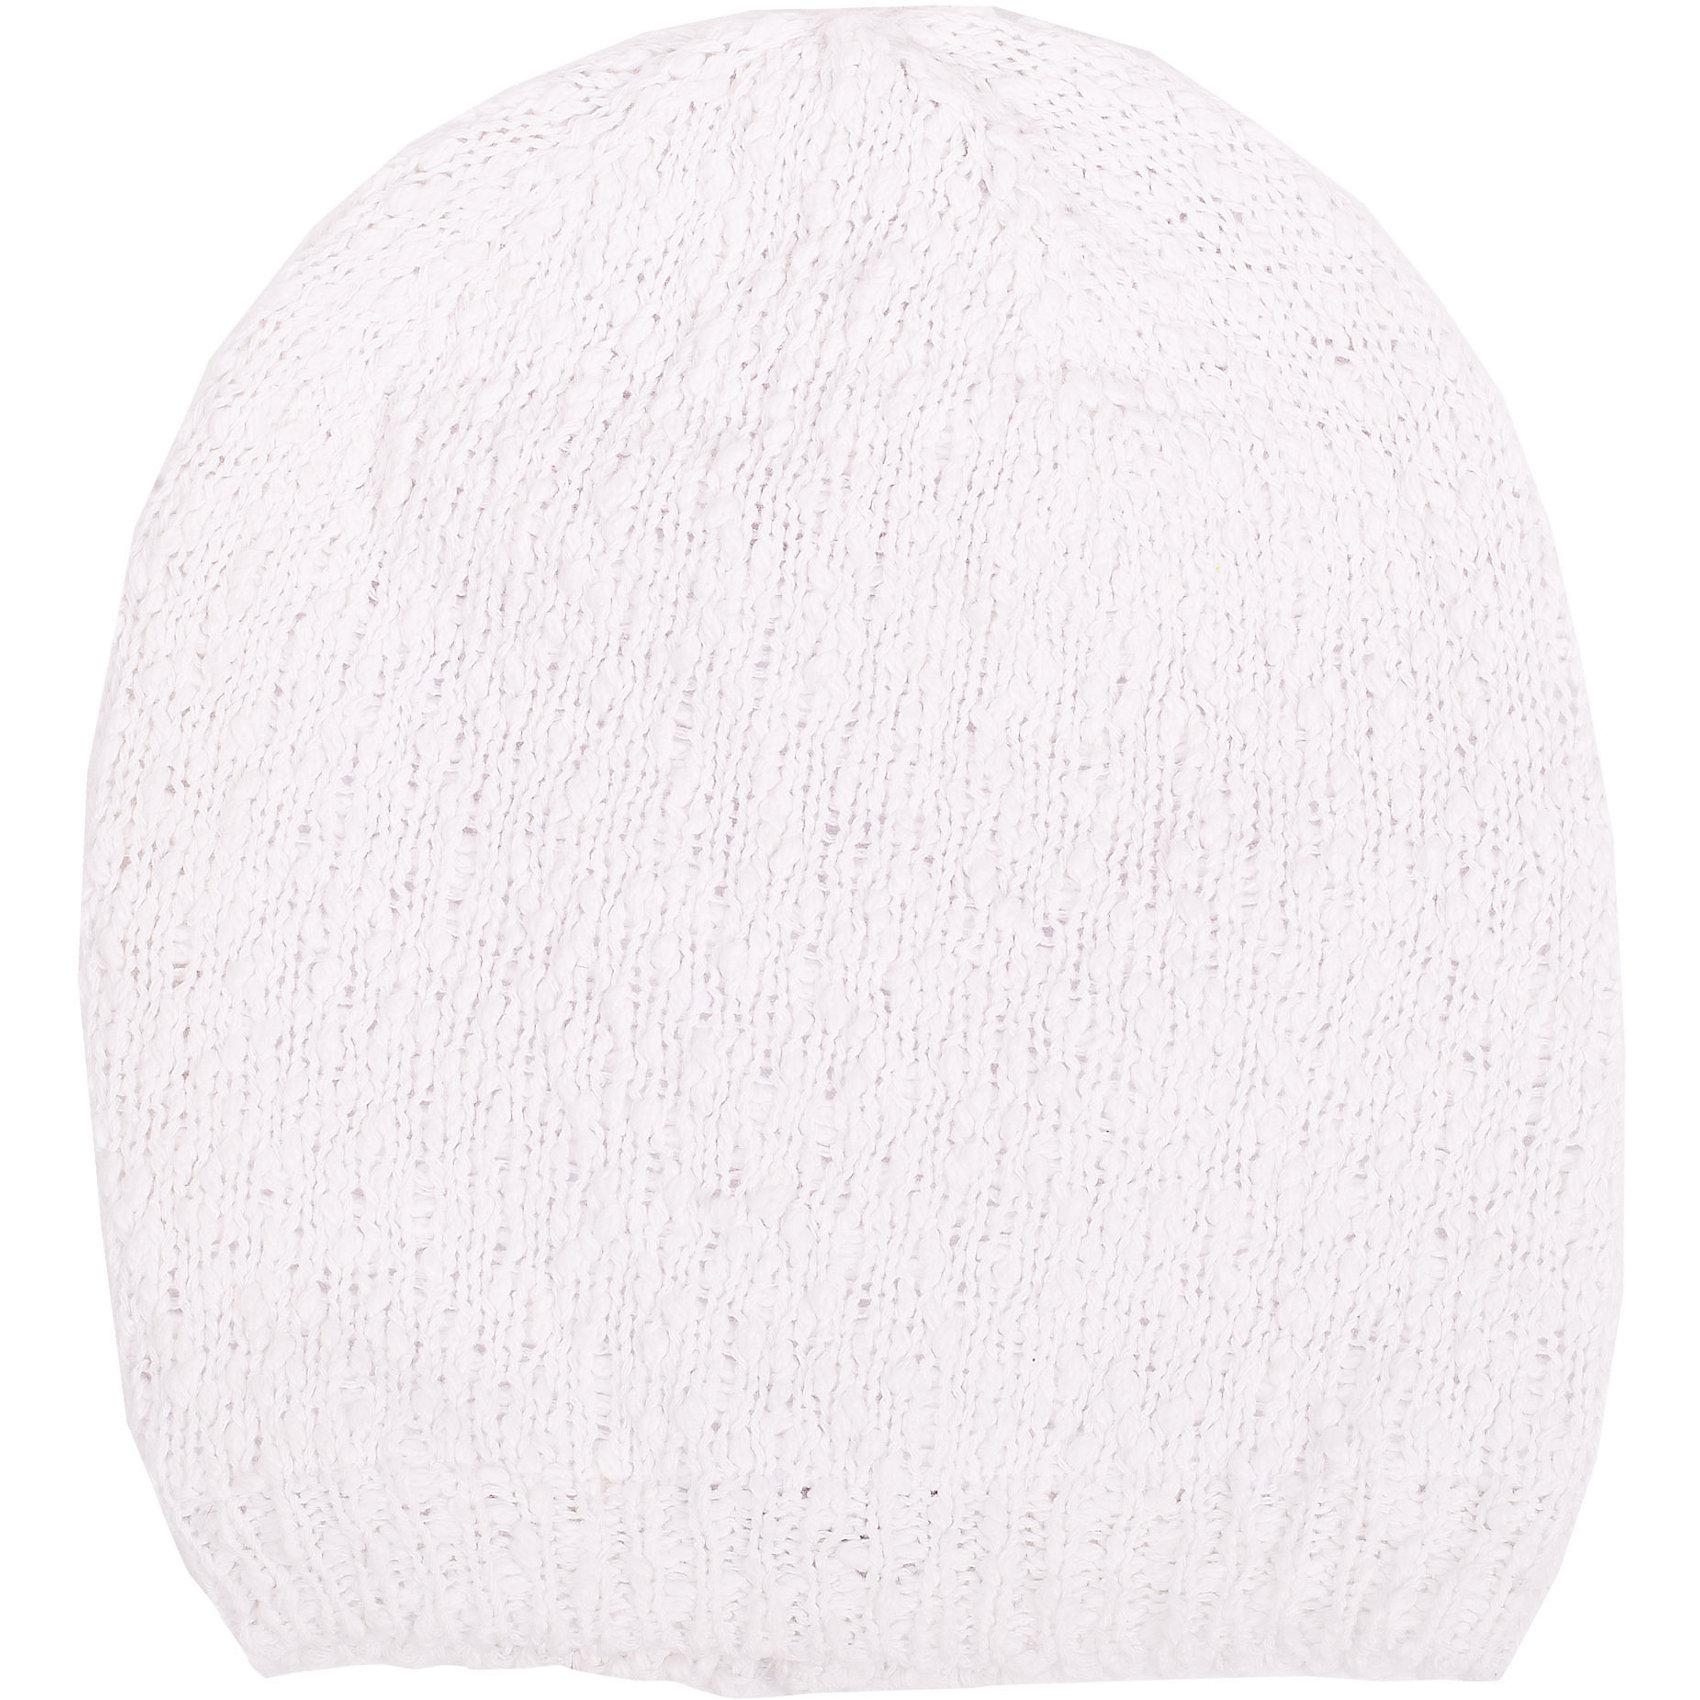 Шапка для девочки GulliverГоловные уборы<br>Модные вязаные шапки весной 2016 вновь обещают быть объемными! Белая шапка красиво завершает образ, делая его новым, свежим, интересным. Вязаная шапка на трикотажной подкладке выполнена из особой пряжи узелковой структуры, придающей изделию индивидуальность. Словом, если вам нужна стильная вязаная шапка для весенней погоды, выбор этой модели абсолютно оправдан!<br>Состав:<br>верх:               100% хлопок; подкладка:           95% хлопок    5% эластан<br><br>Ширина мм: 89<br>Глубина мм: 117<br>Высота мм: 44<br>Вес г: 155<br>Цвет: белый<br>Возраст от месяцев: 24<br>Возраст до месяцев: 36<br>Пол: Женский<br>Возраст: Детский<br>Размер: 50,52<br>SKU: 4534562